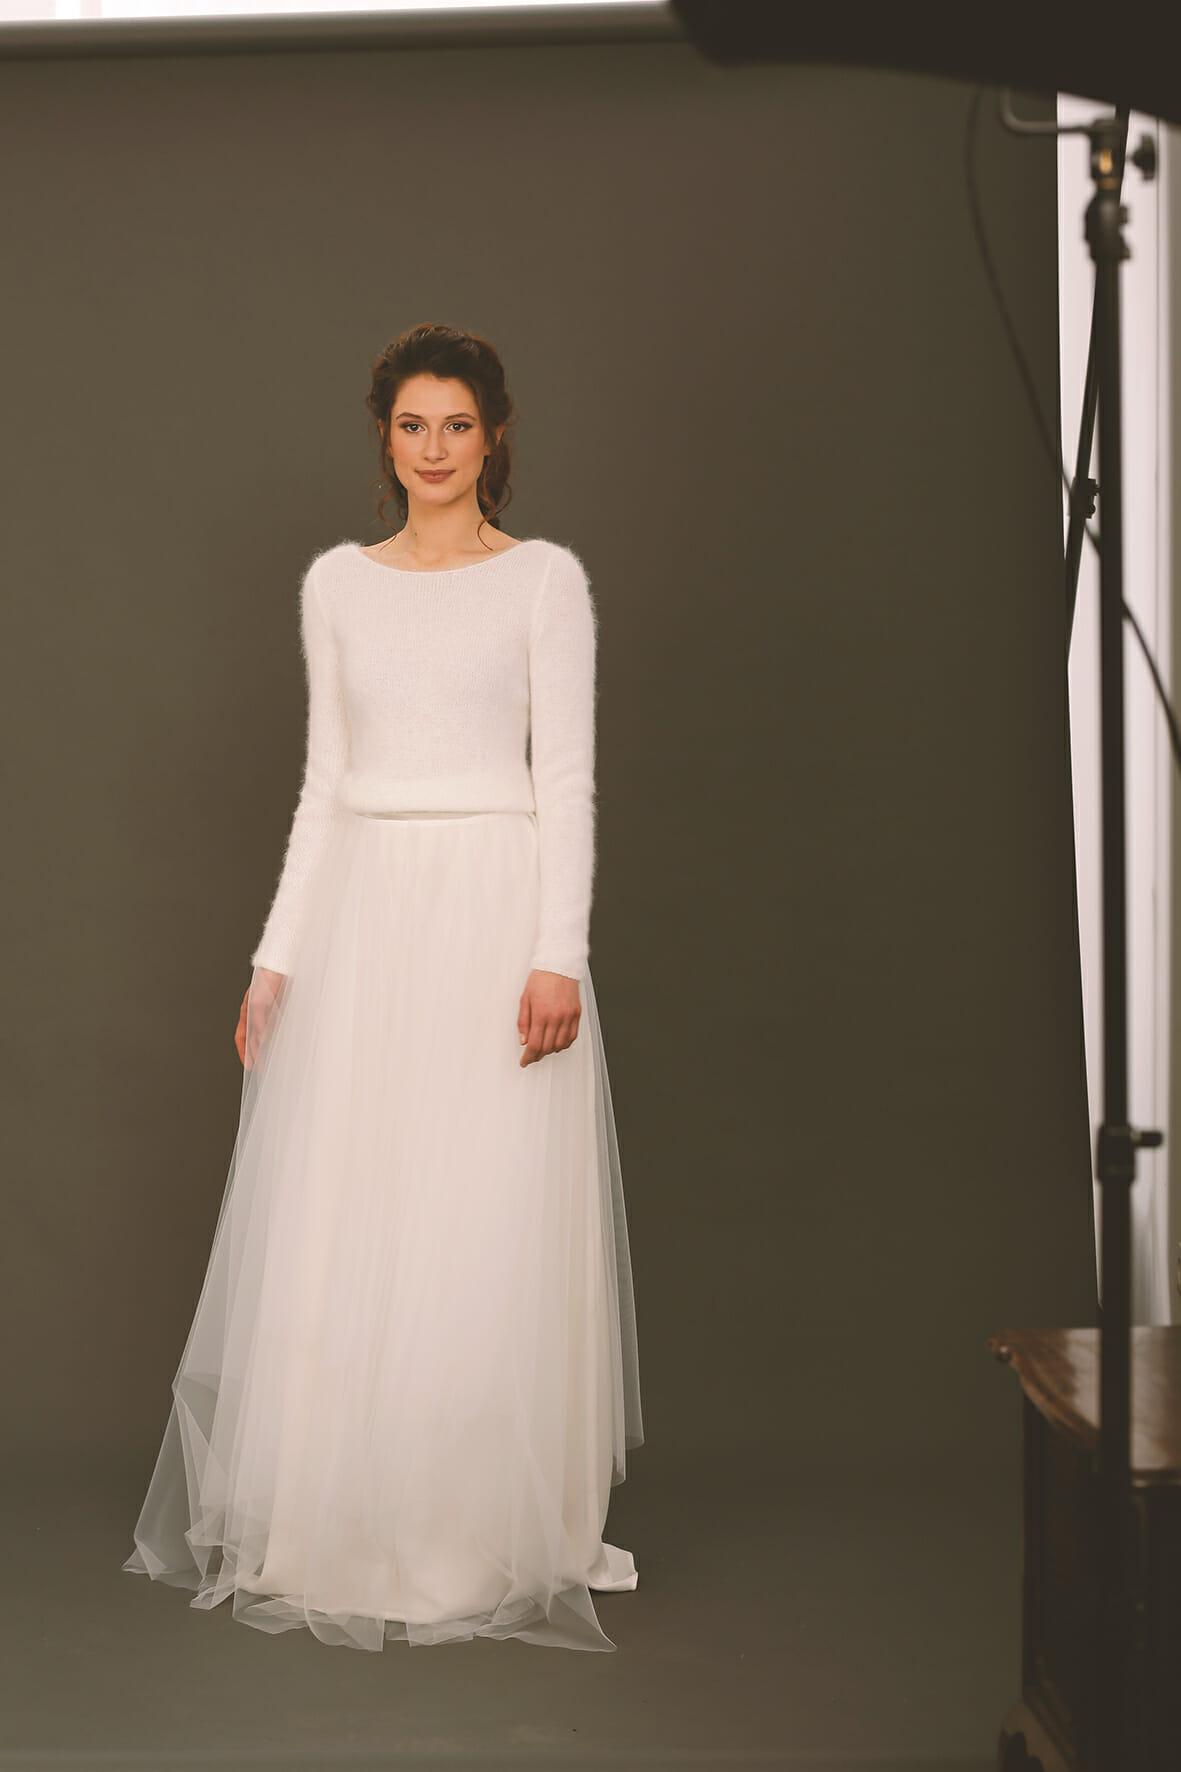 Brautkleider Inspiration aus Berlin // ANNE WOLF Brautmoden